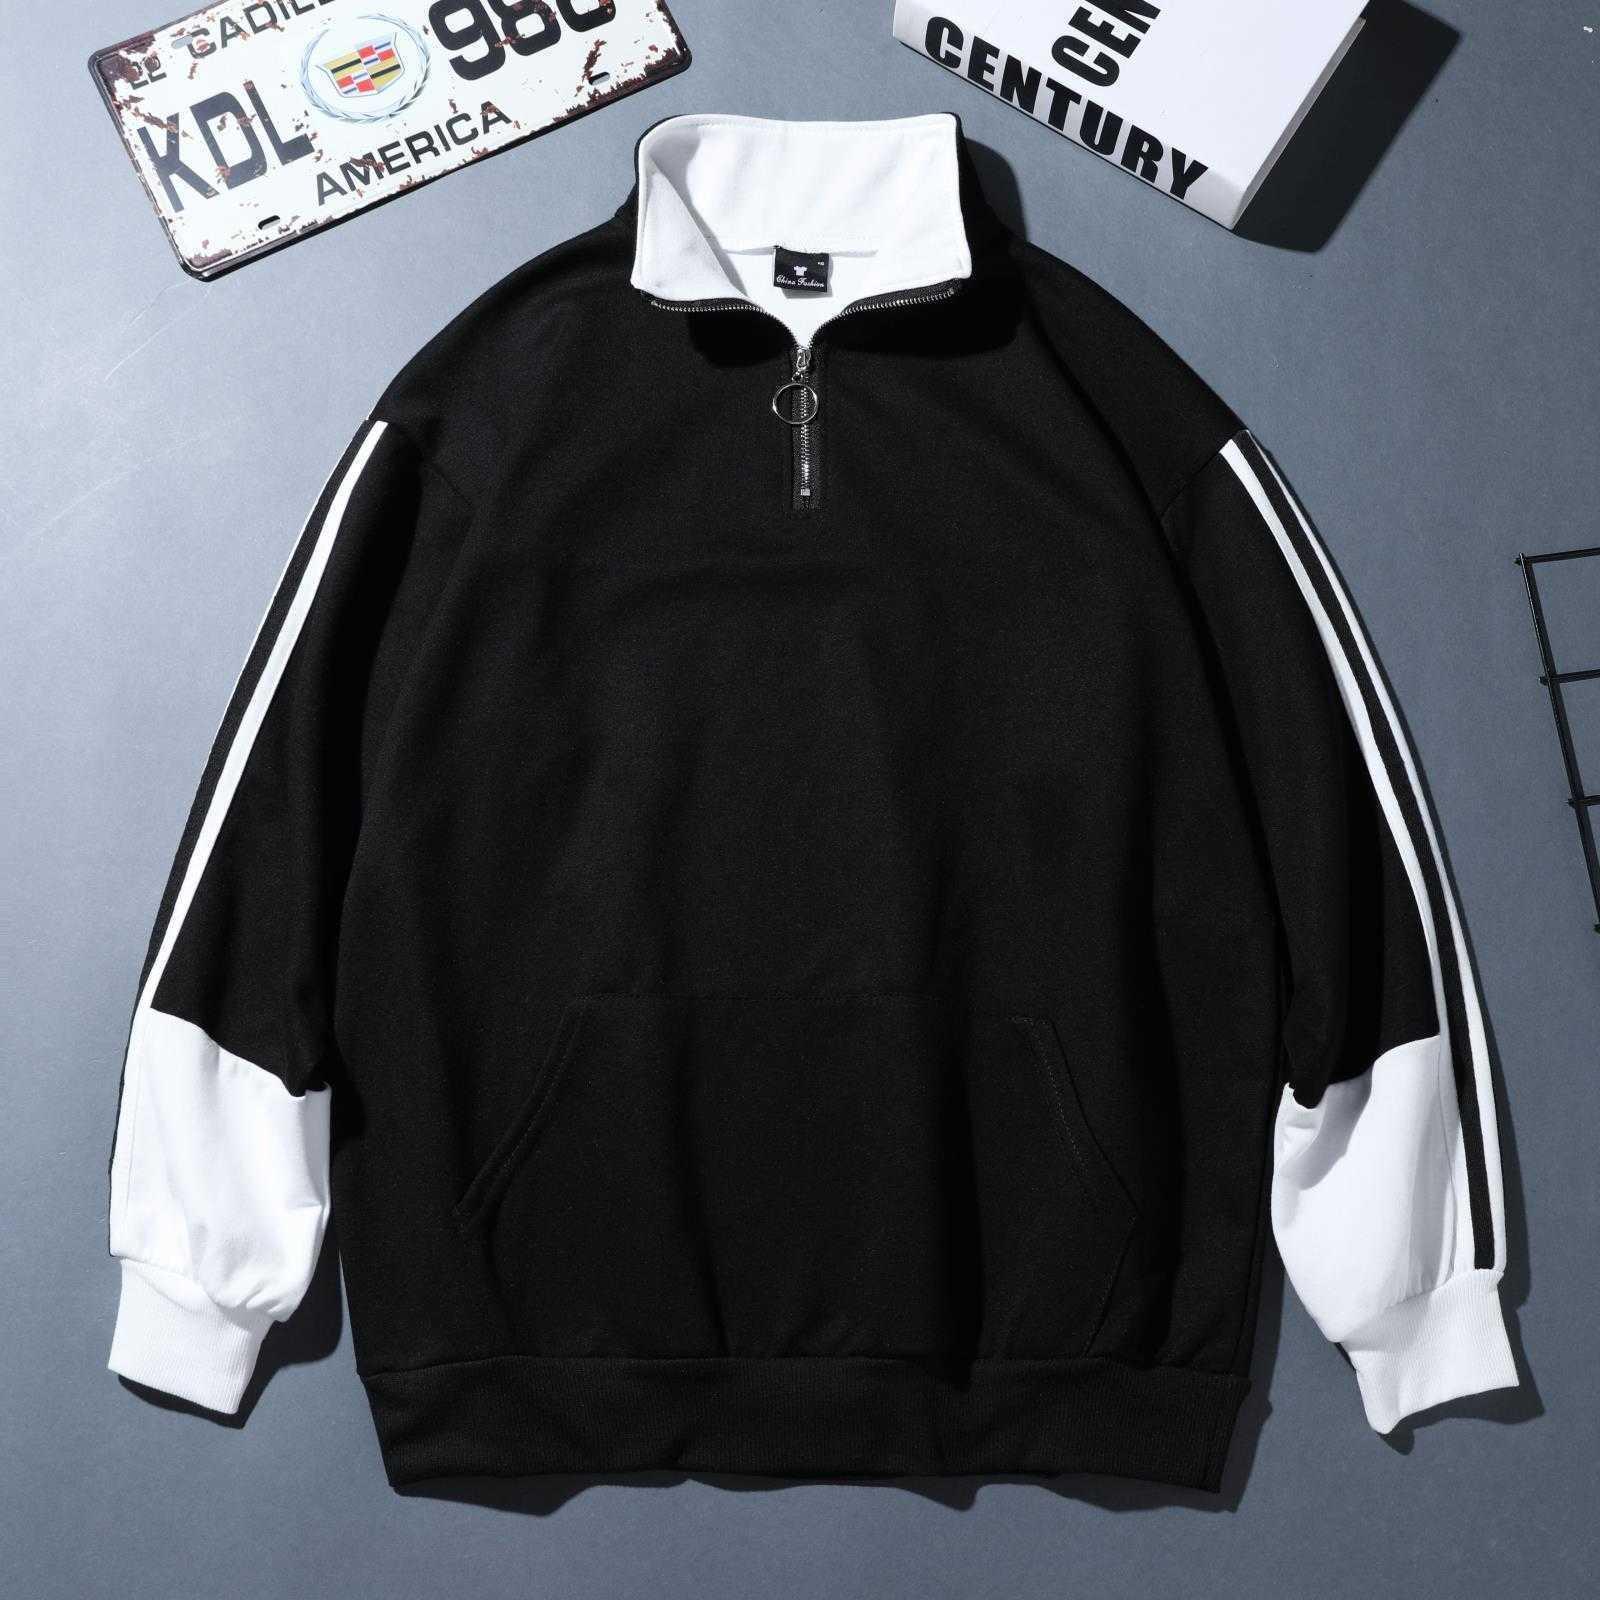 남성의 후드 패션 디자이너 연인 거리 색상 일치하는 의류 코트 스웨터 삽입 청바지와 바지에 딱 맞는